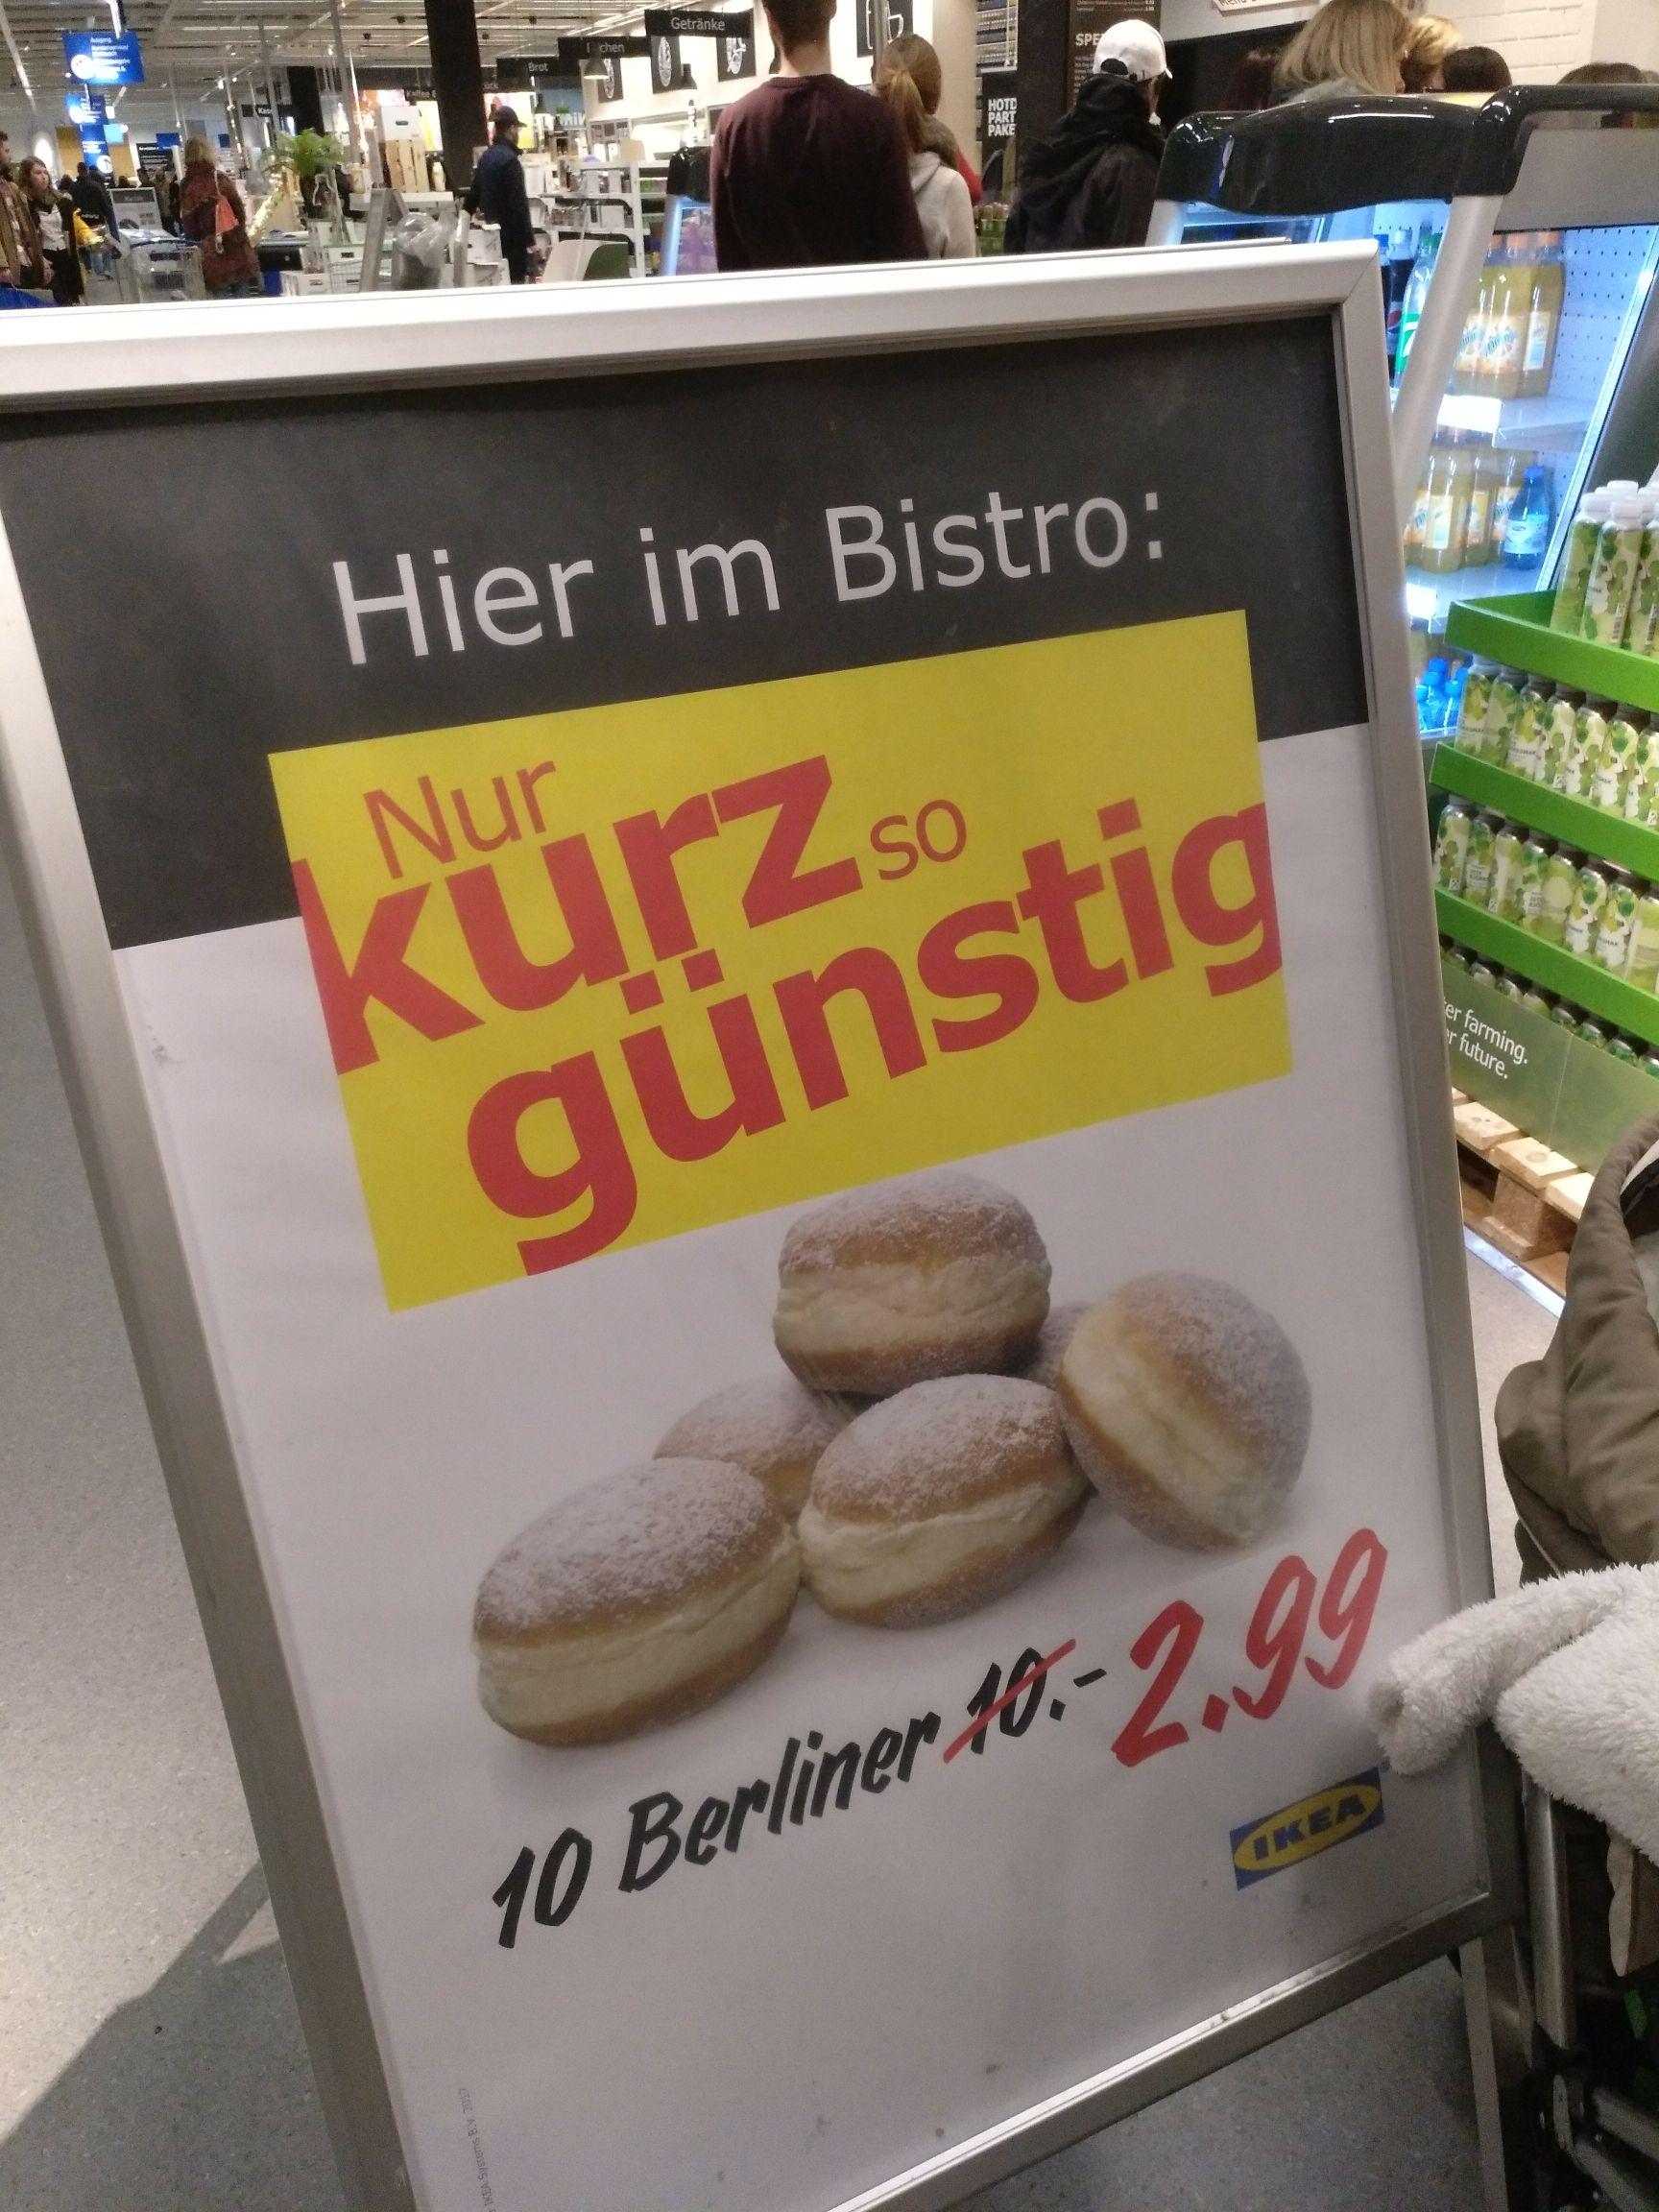 IKEA lokal? 10 Berliner, Krapfen, Pfannkuchen 2,99 statt 10€  - Köln am Butzweilerhof